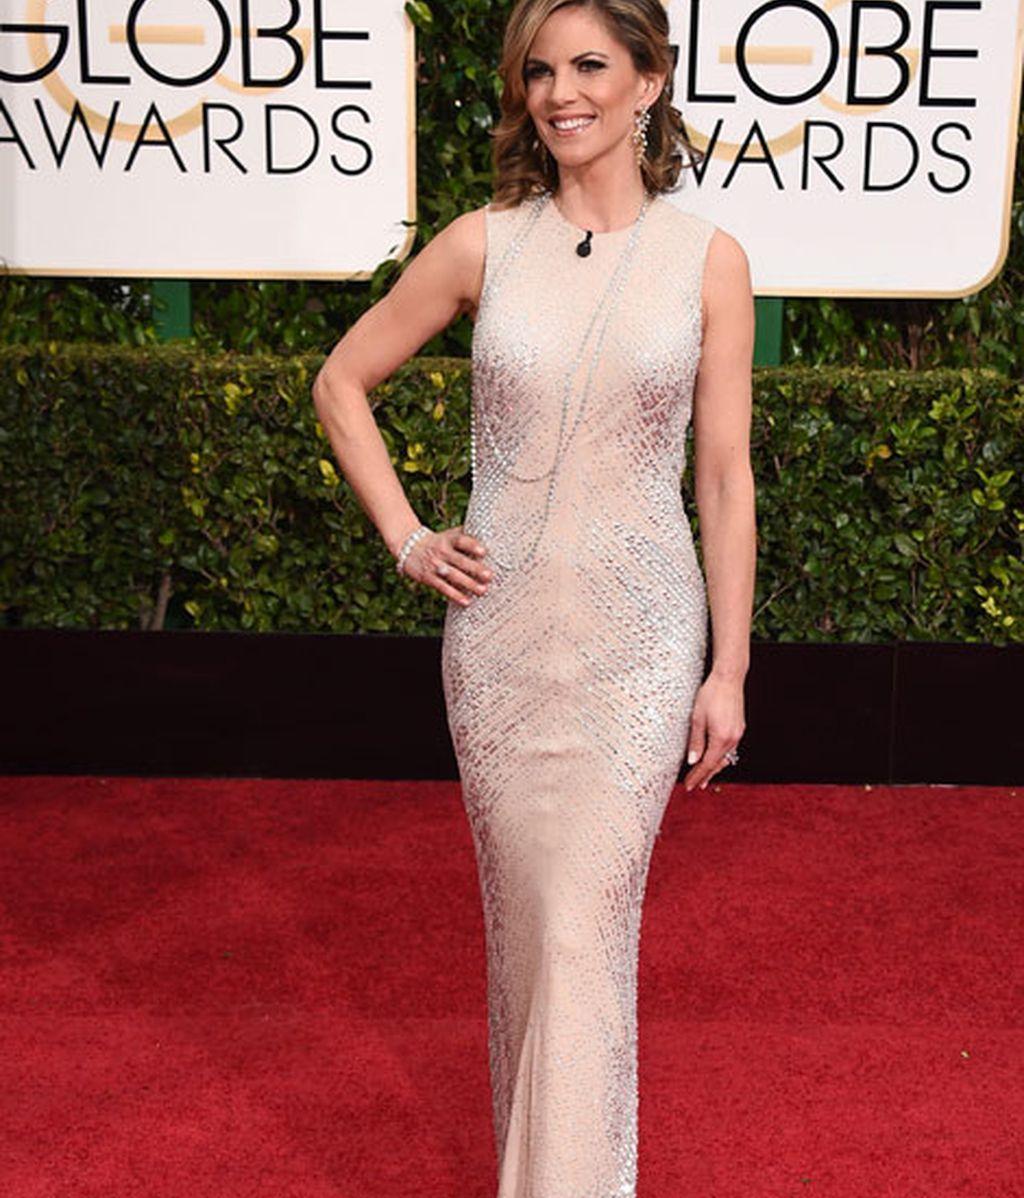 Natalie Morales en la alfombra roja de los Globos de Oro